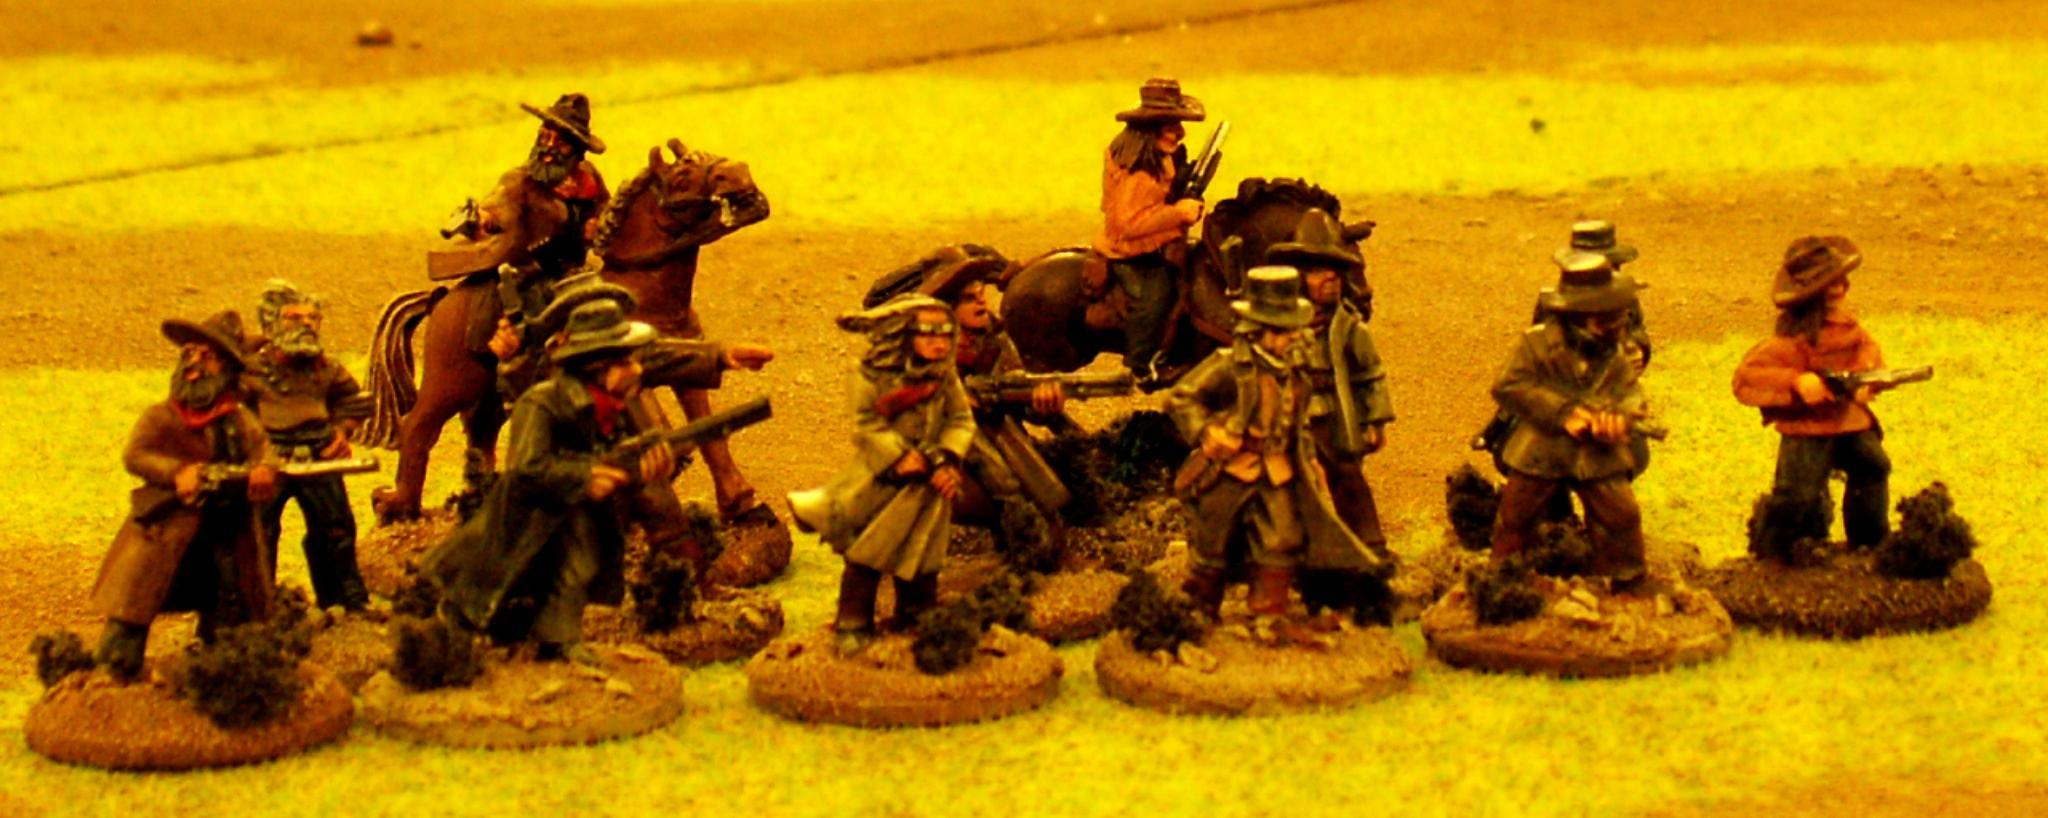 19th Century, Wild West